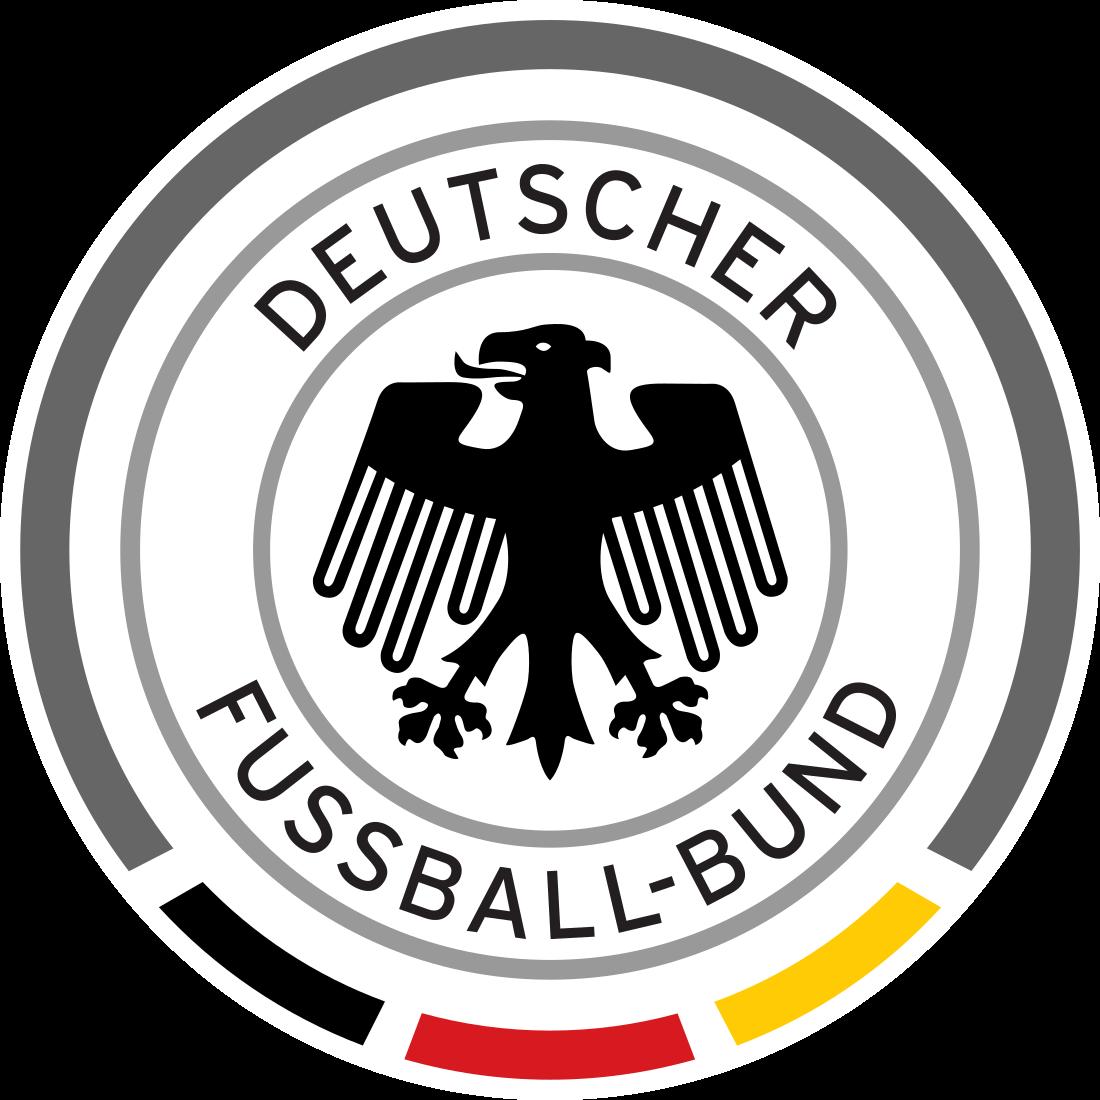 selecao alemanha logo escudo 7 - Seleção da Alemanha Logo - Escudo